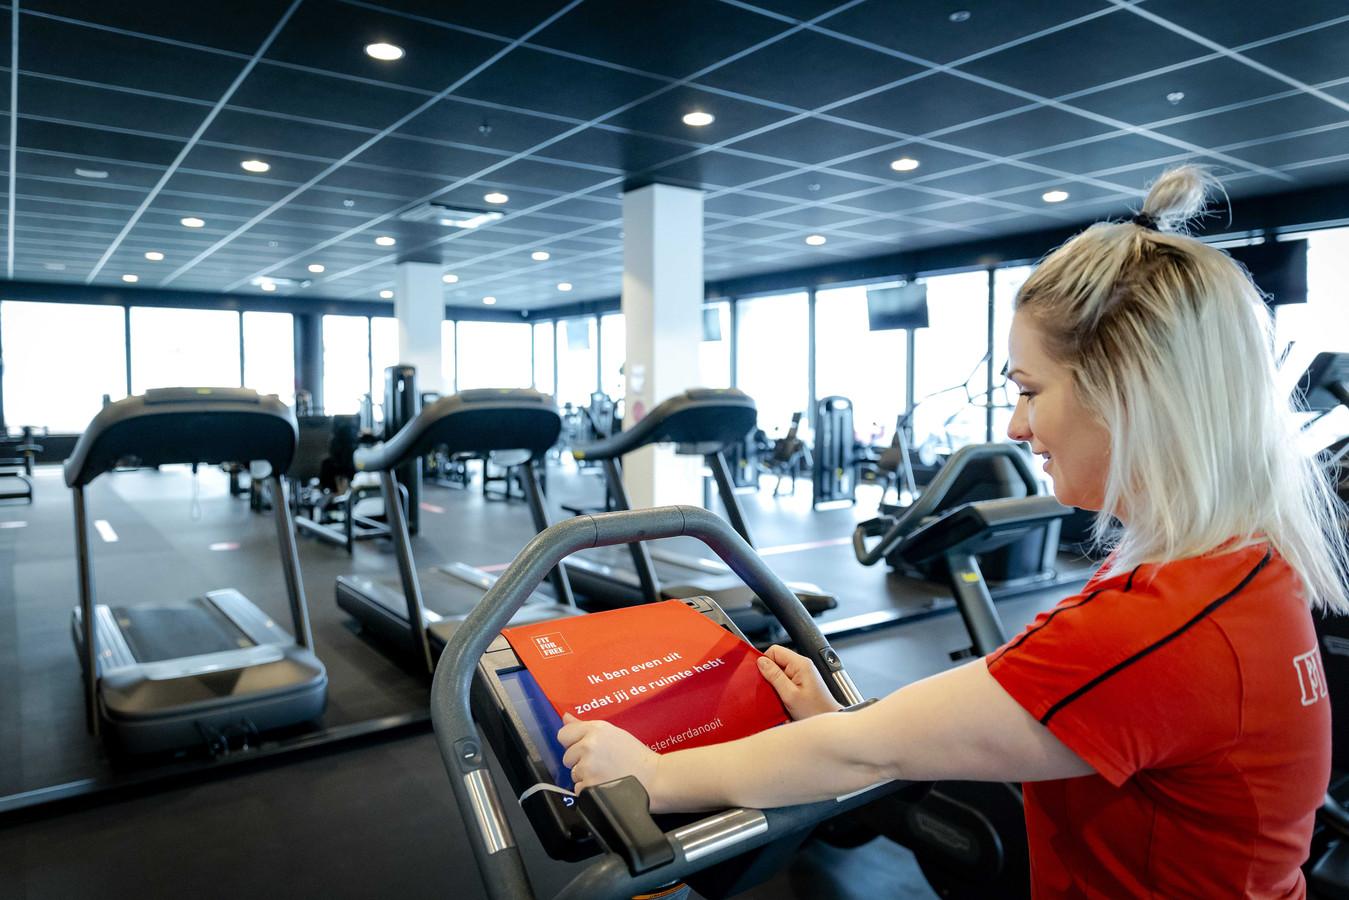 Sportscholen, waaronder Fit For Free, maken zich klaar voor een mogelijke heropening.